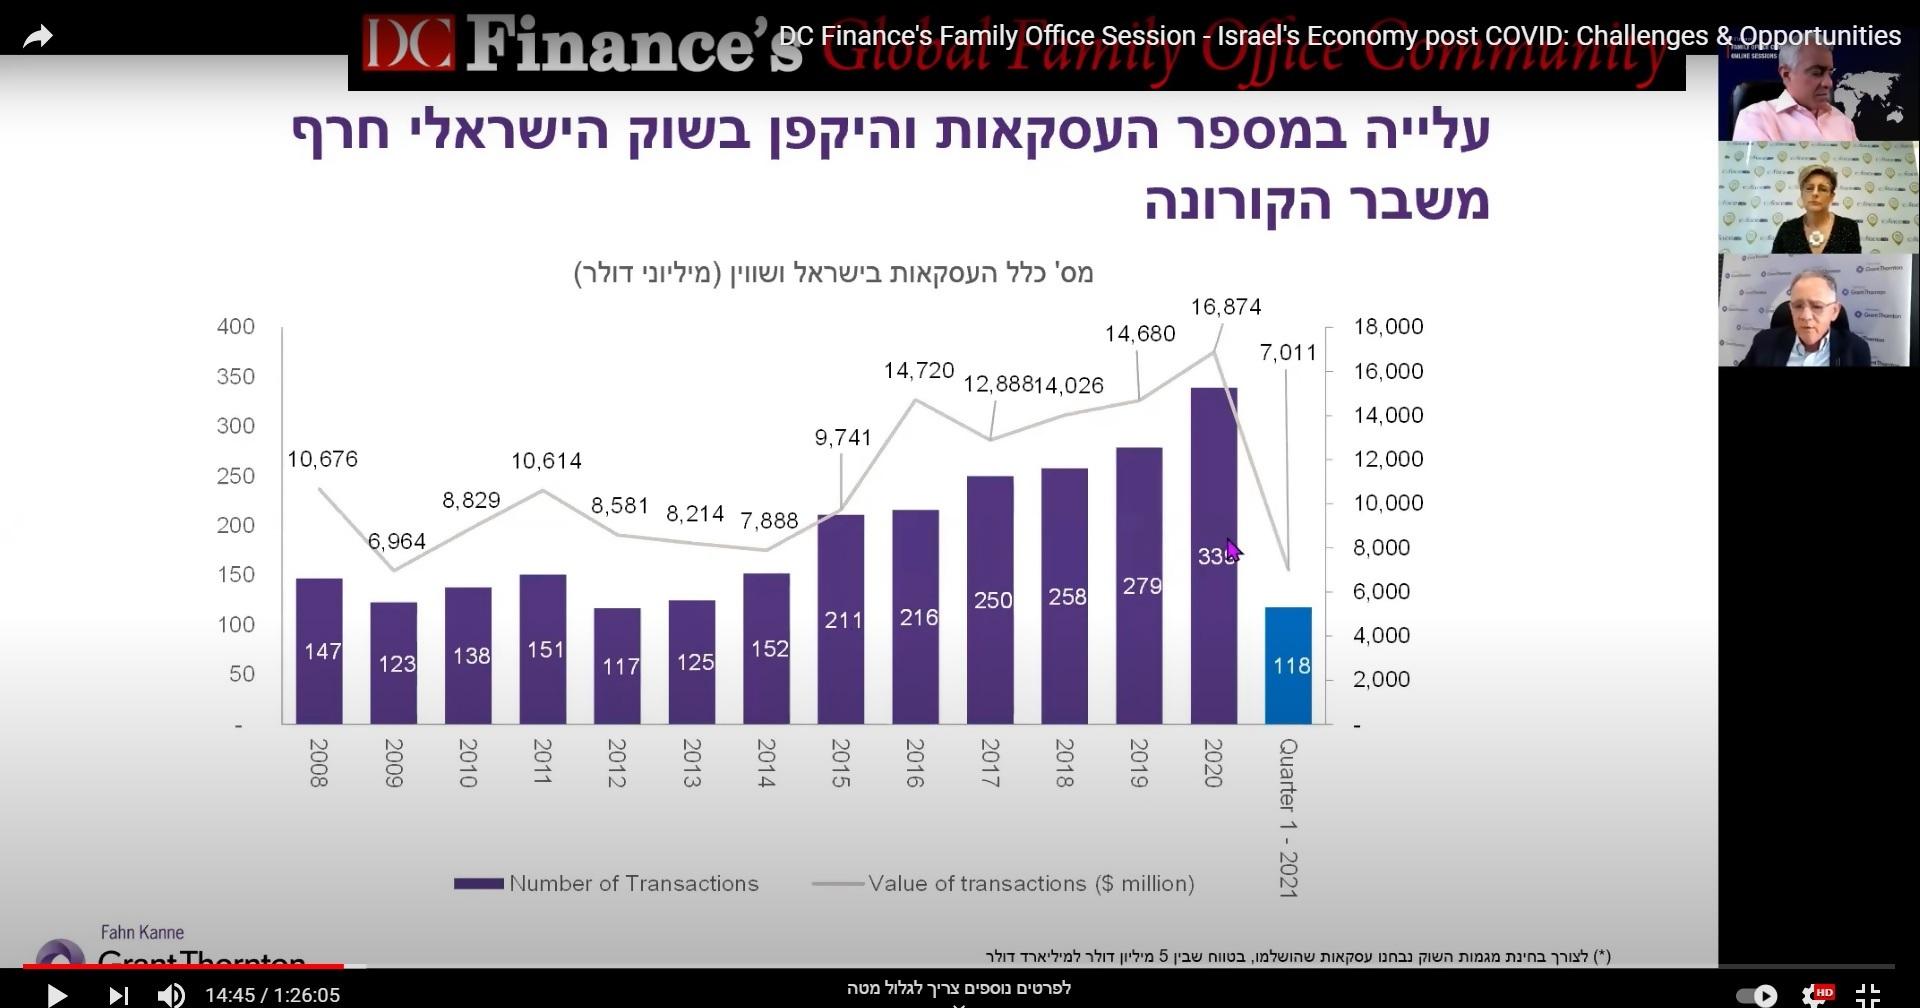 עולם אחרי  COVID – הזדמנויות ואתגרים לכלכלה הישראלית וובינר בהשתתפות תהילה ינאי  מנכלית משותפת  COFACE BDI